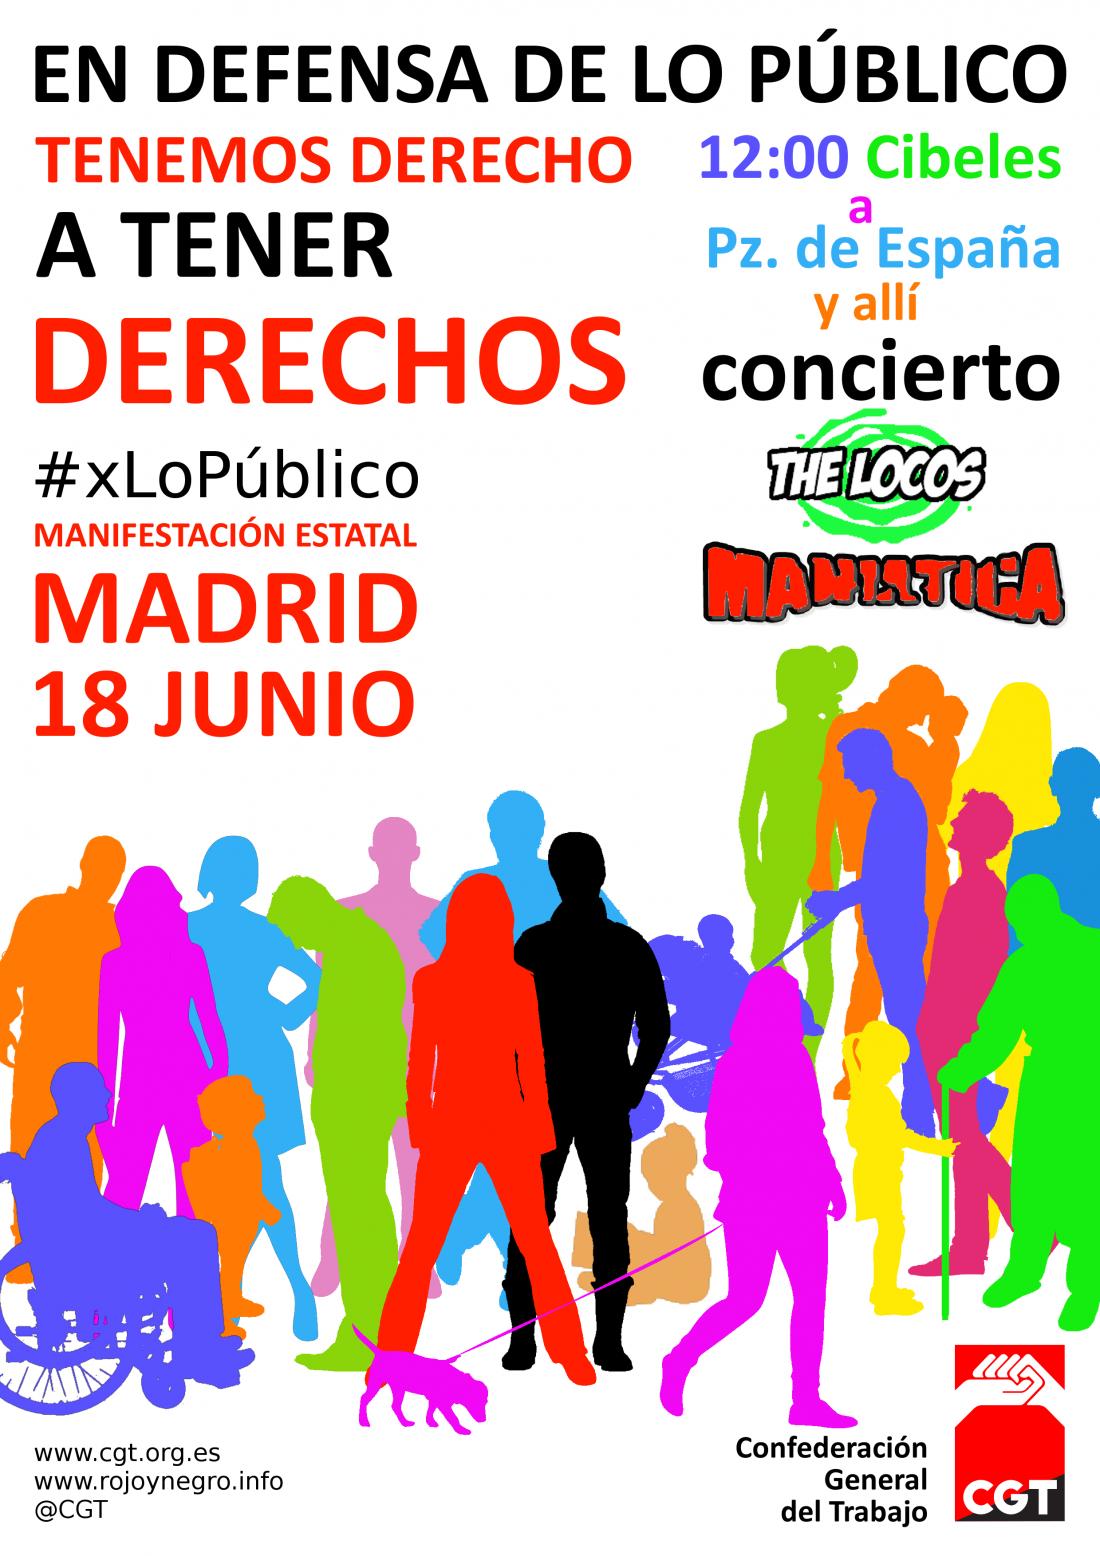 Concierto Después de la Manifestación #xLoPúblico